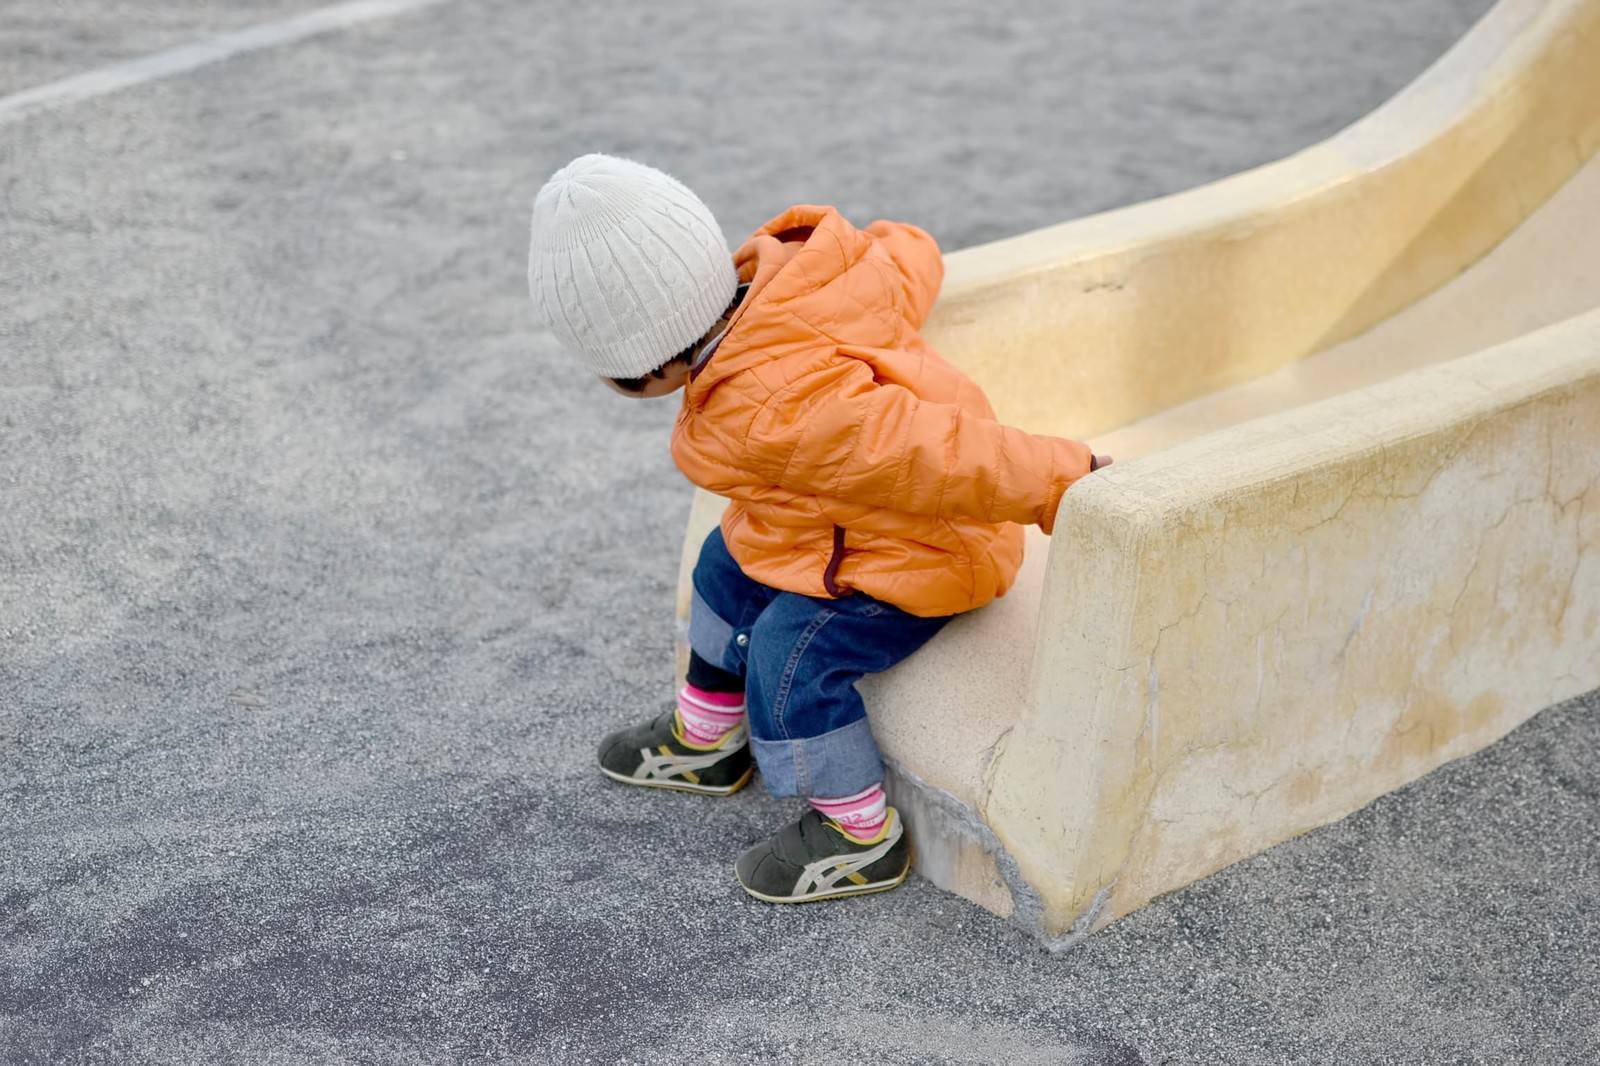 「滑り台から降りる子供」の写真